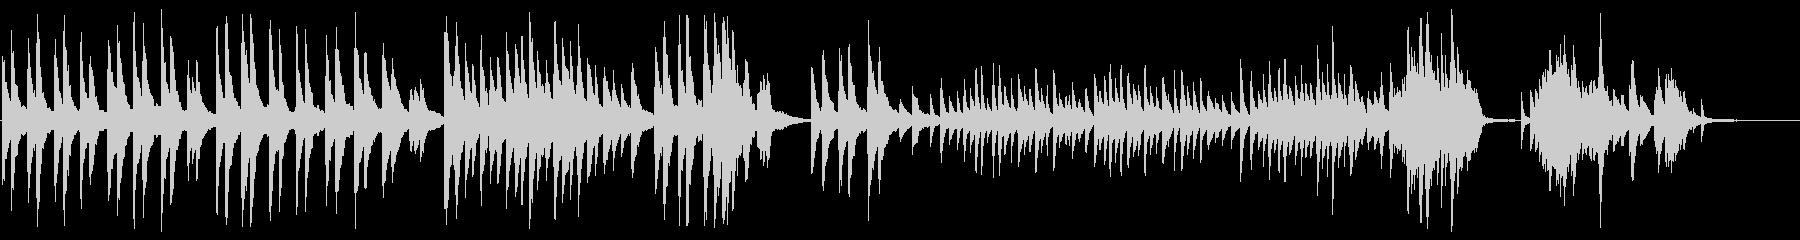 「仰げば尊し」のピアノカバーBGMの未再生の波形